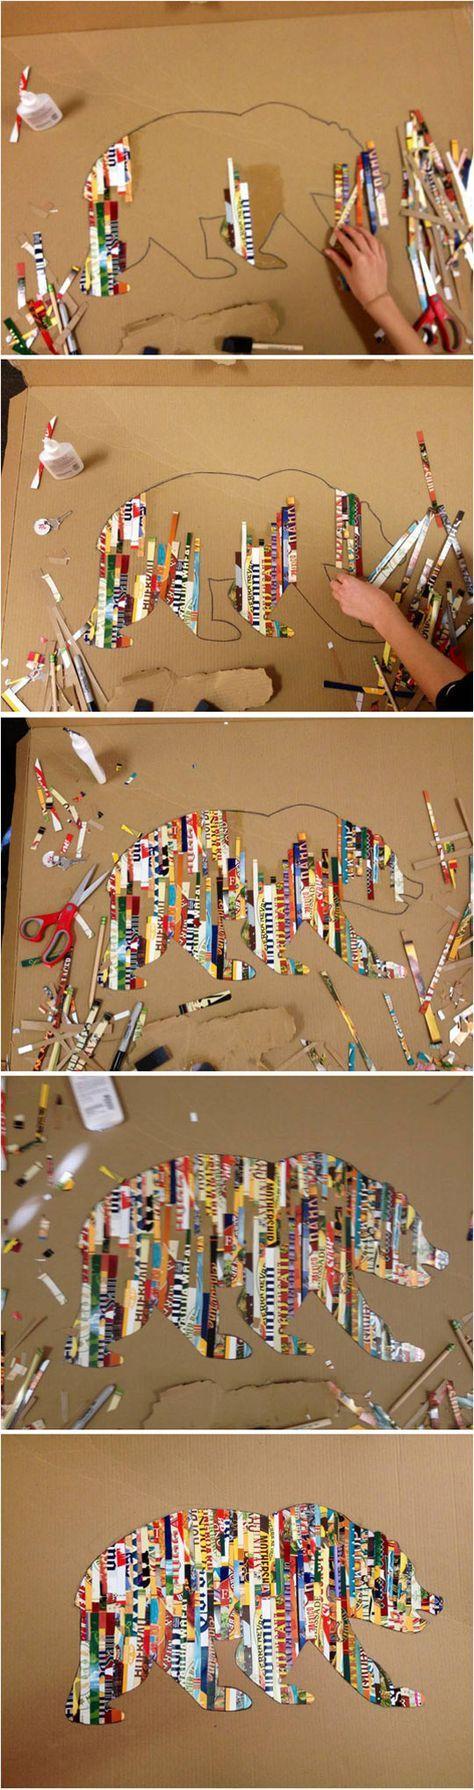 Tegn et omrids af en ønsket figur, klip tynde strimpler af magasiner og lim på. Efterbehandl med Mod Podge/decoupage lim ovenpå.